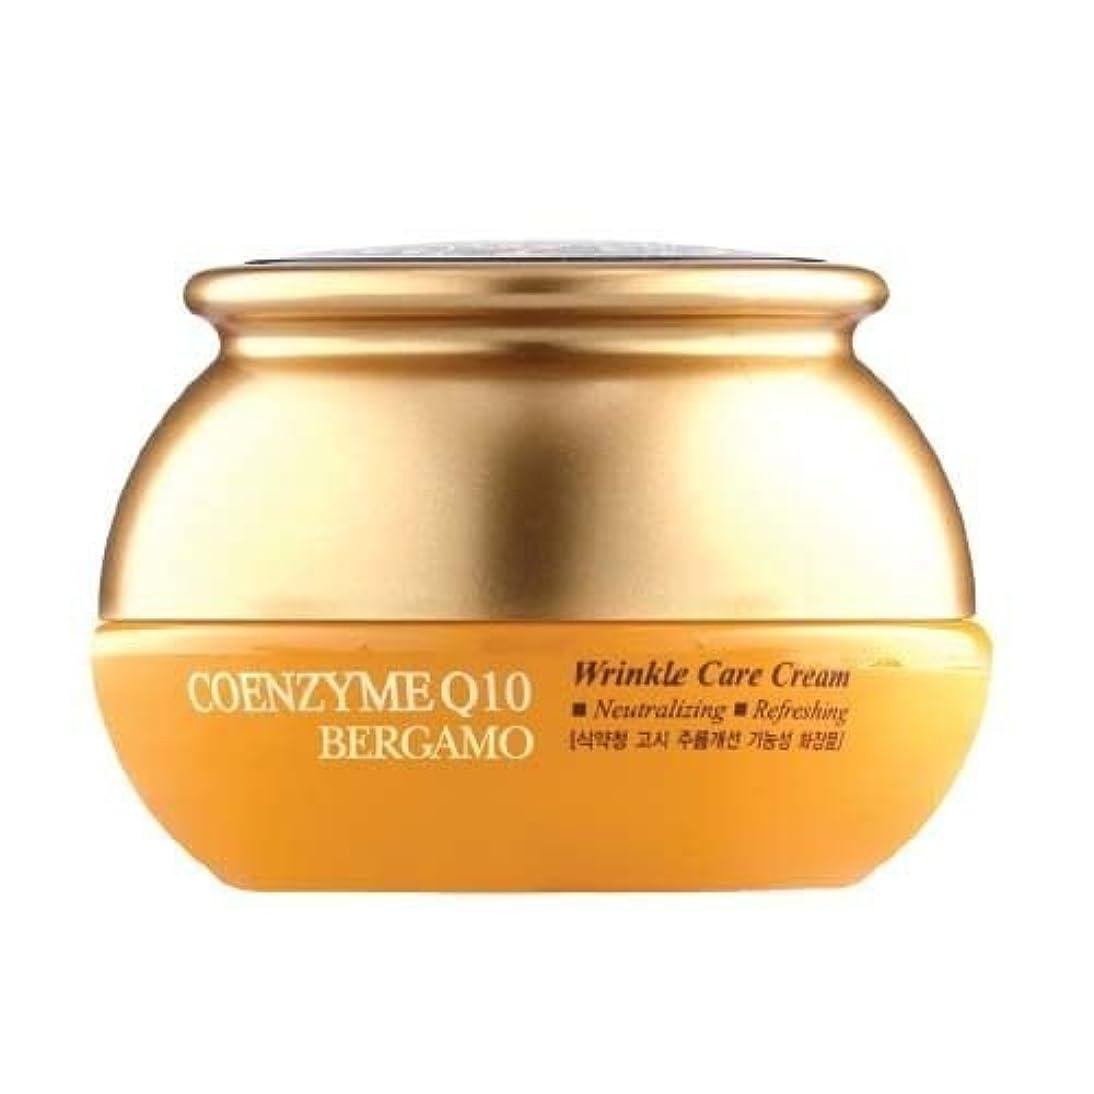 主流後世傘ベルガモ[韓国コスメBergamo]Coenzyme Q10 Wrinkle Care Cream コエンザイムQ10リンクルケアクリーム50ml しわ管理 [並行輸入品]